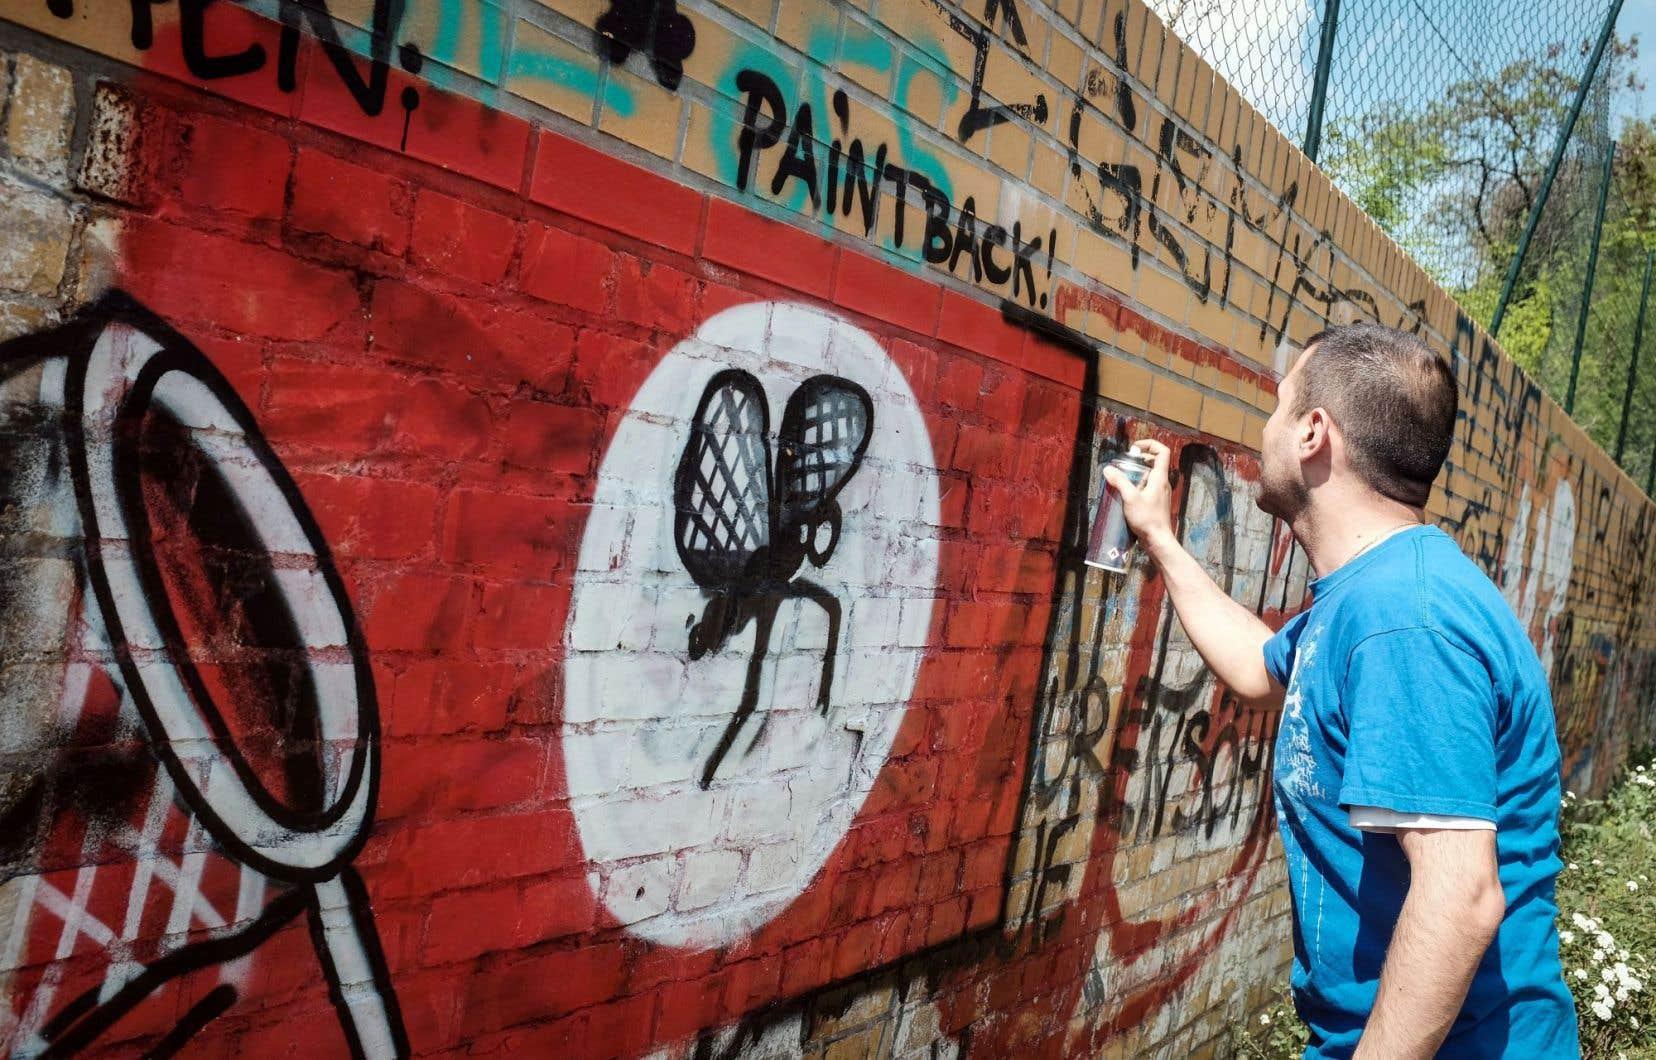 Ibo Omari a eu l'idée de fonder le projet #Paintback pour dissimuler les graffitis néonazis, ici devenus un moustique.